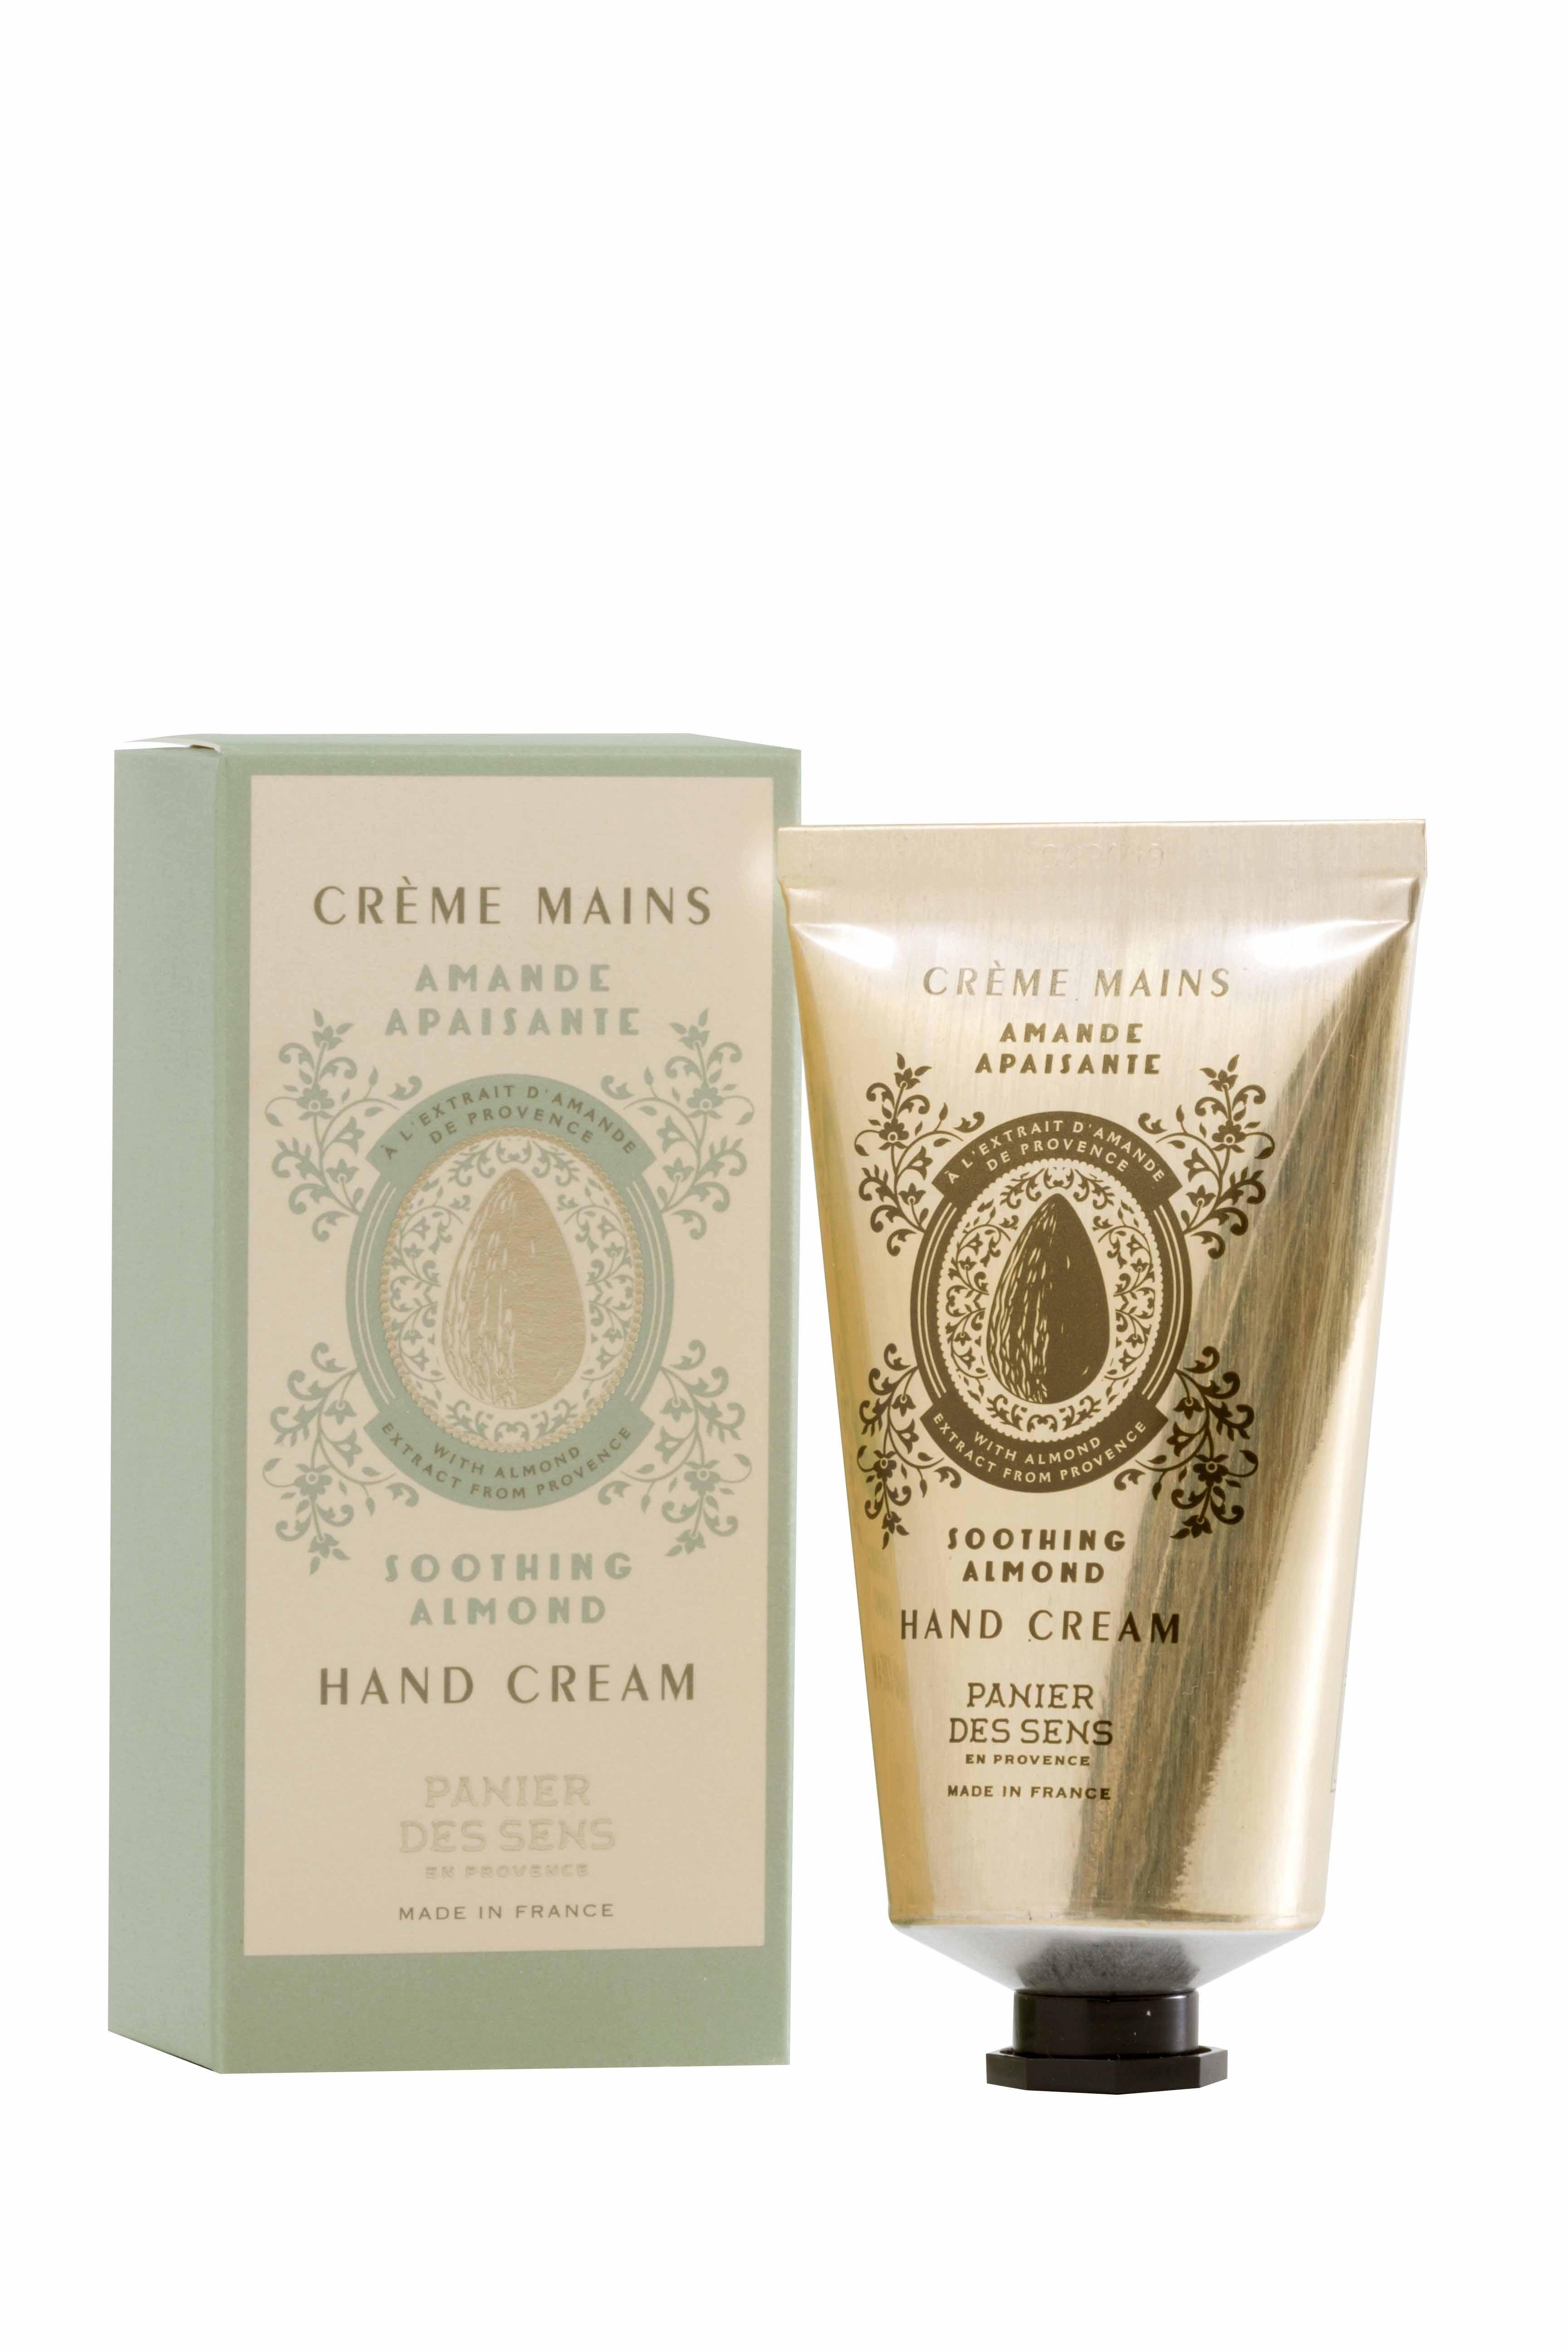 Crème MainsAmande Apaisante (75ml) - Panier des sens